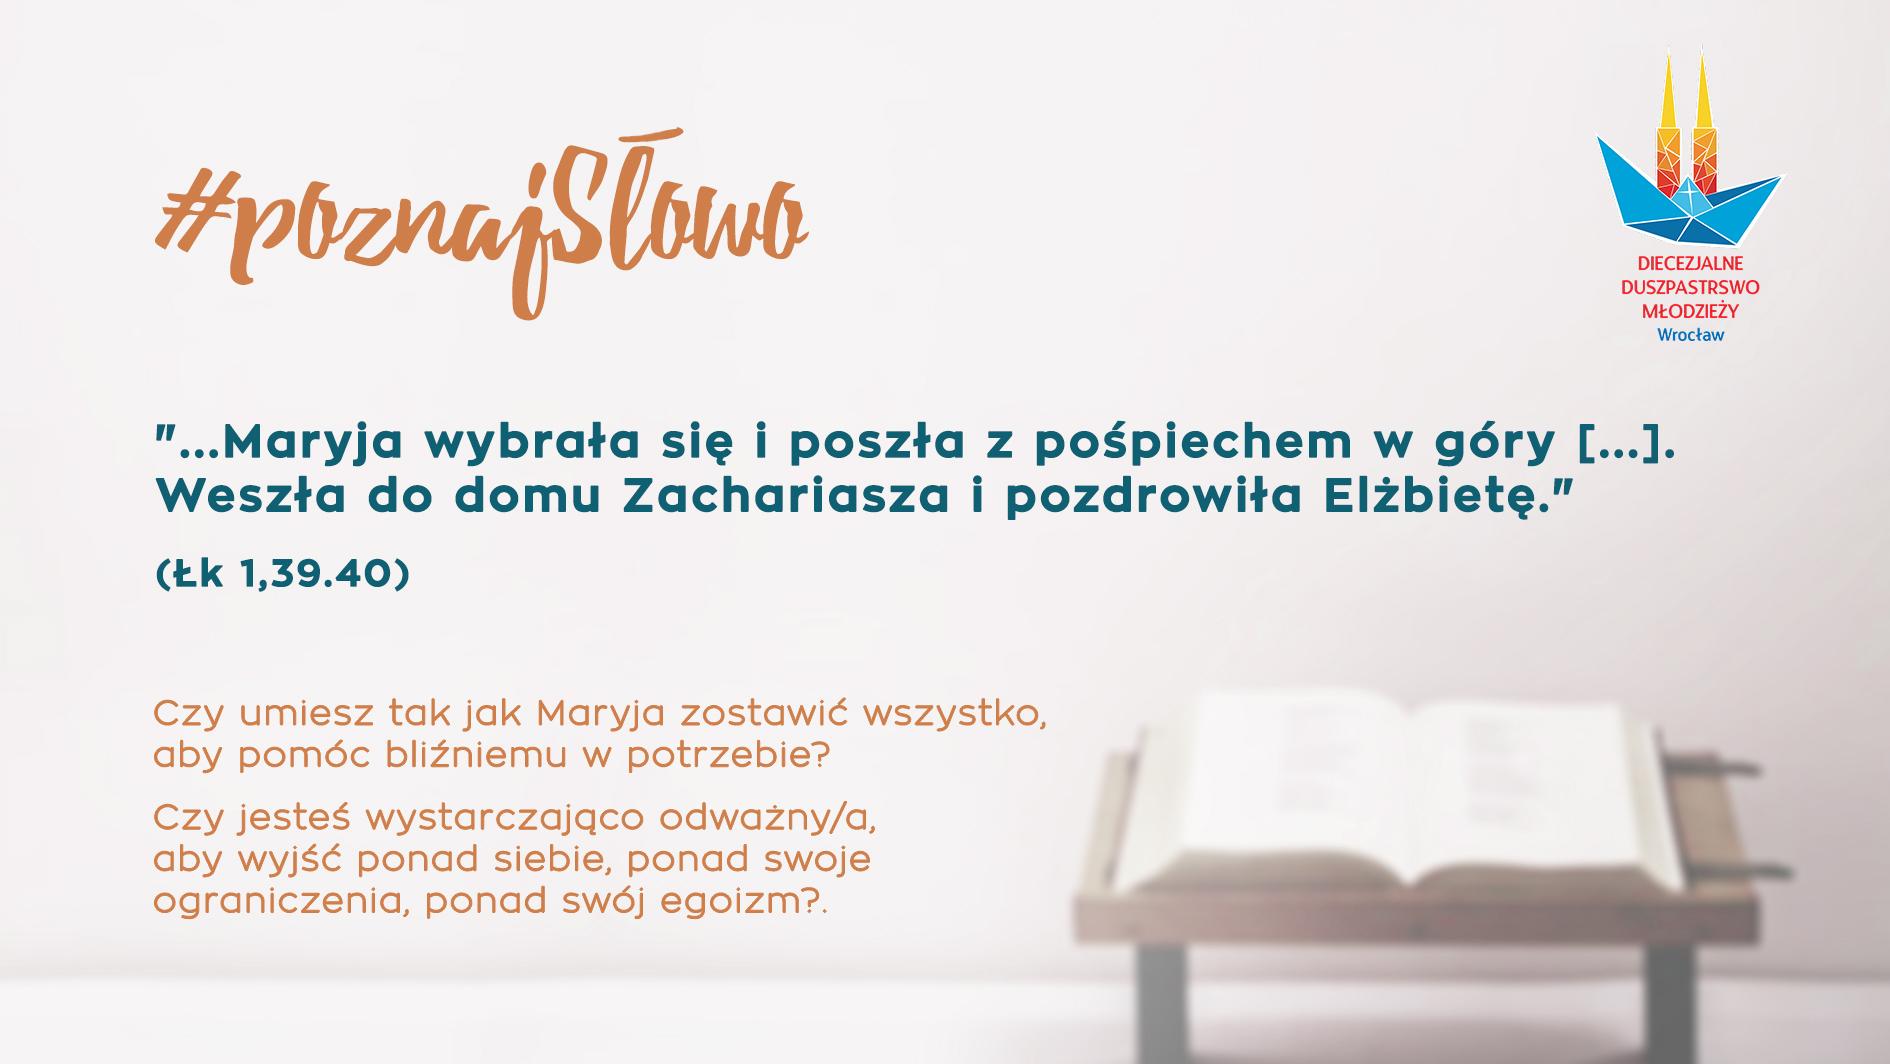 3. #poznajSłowo - Ala Miłosz - 23.12.18